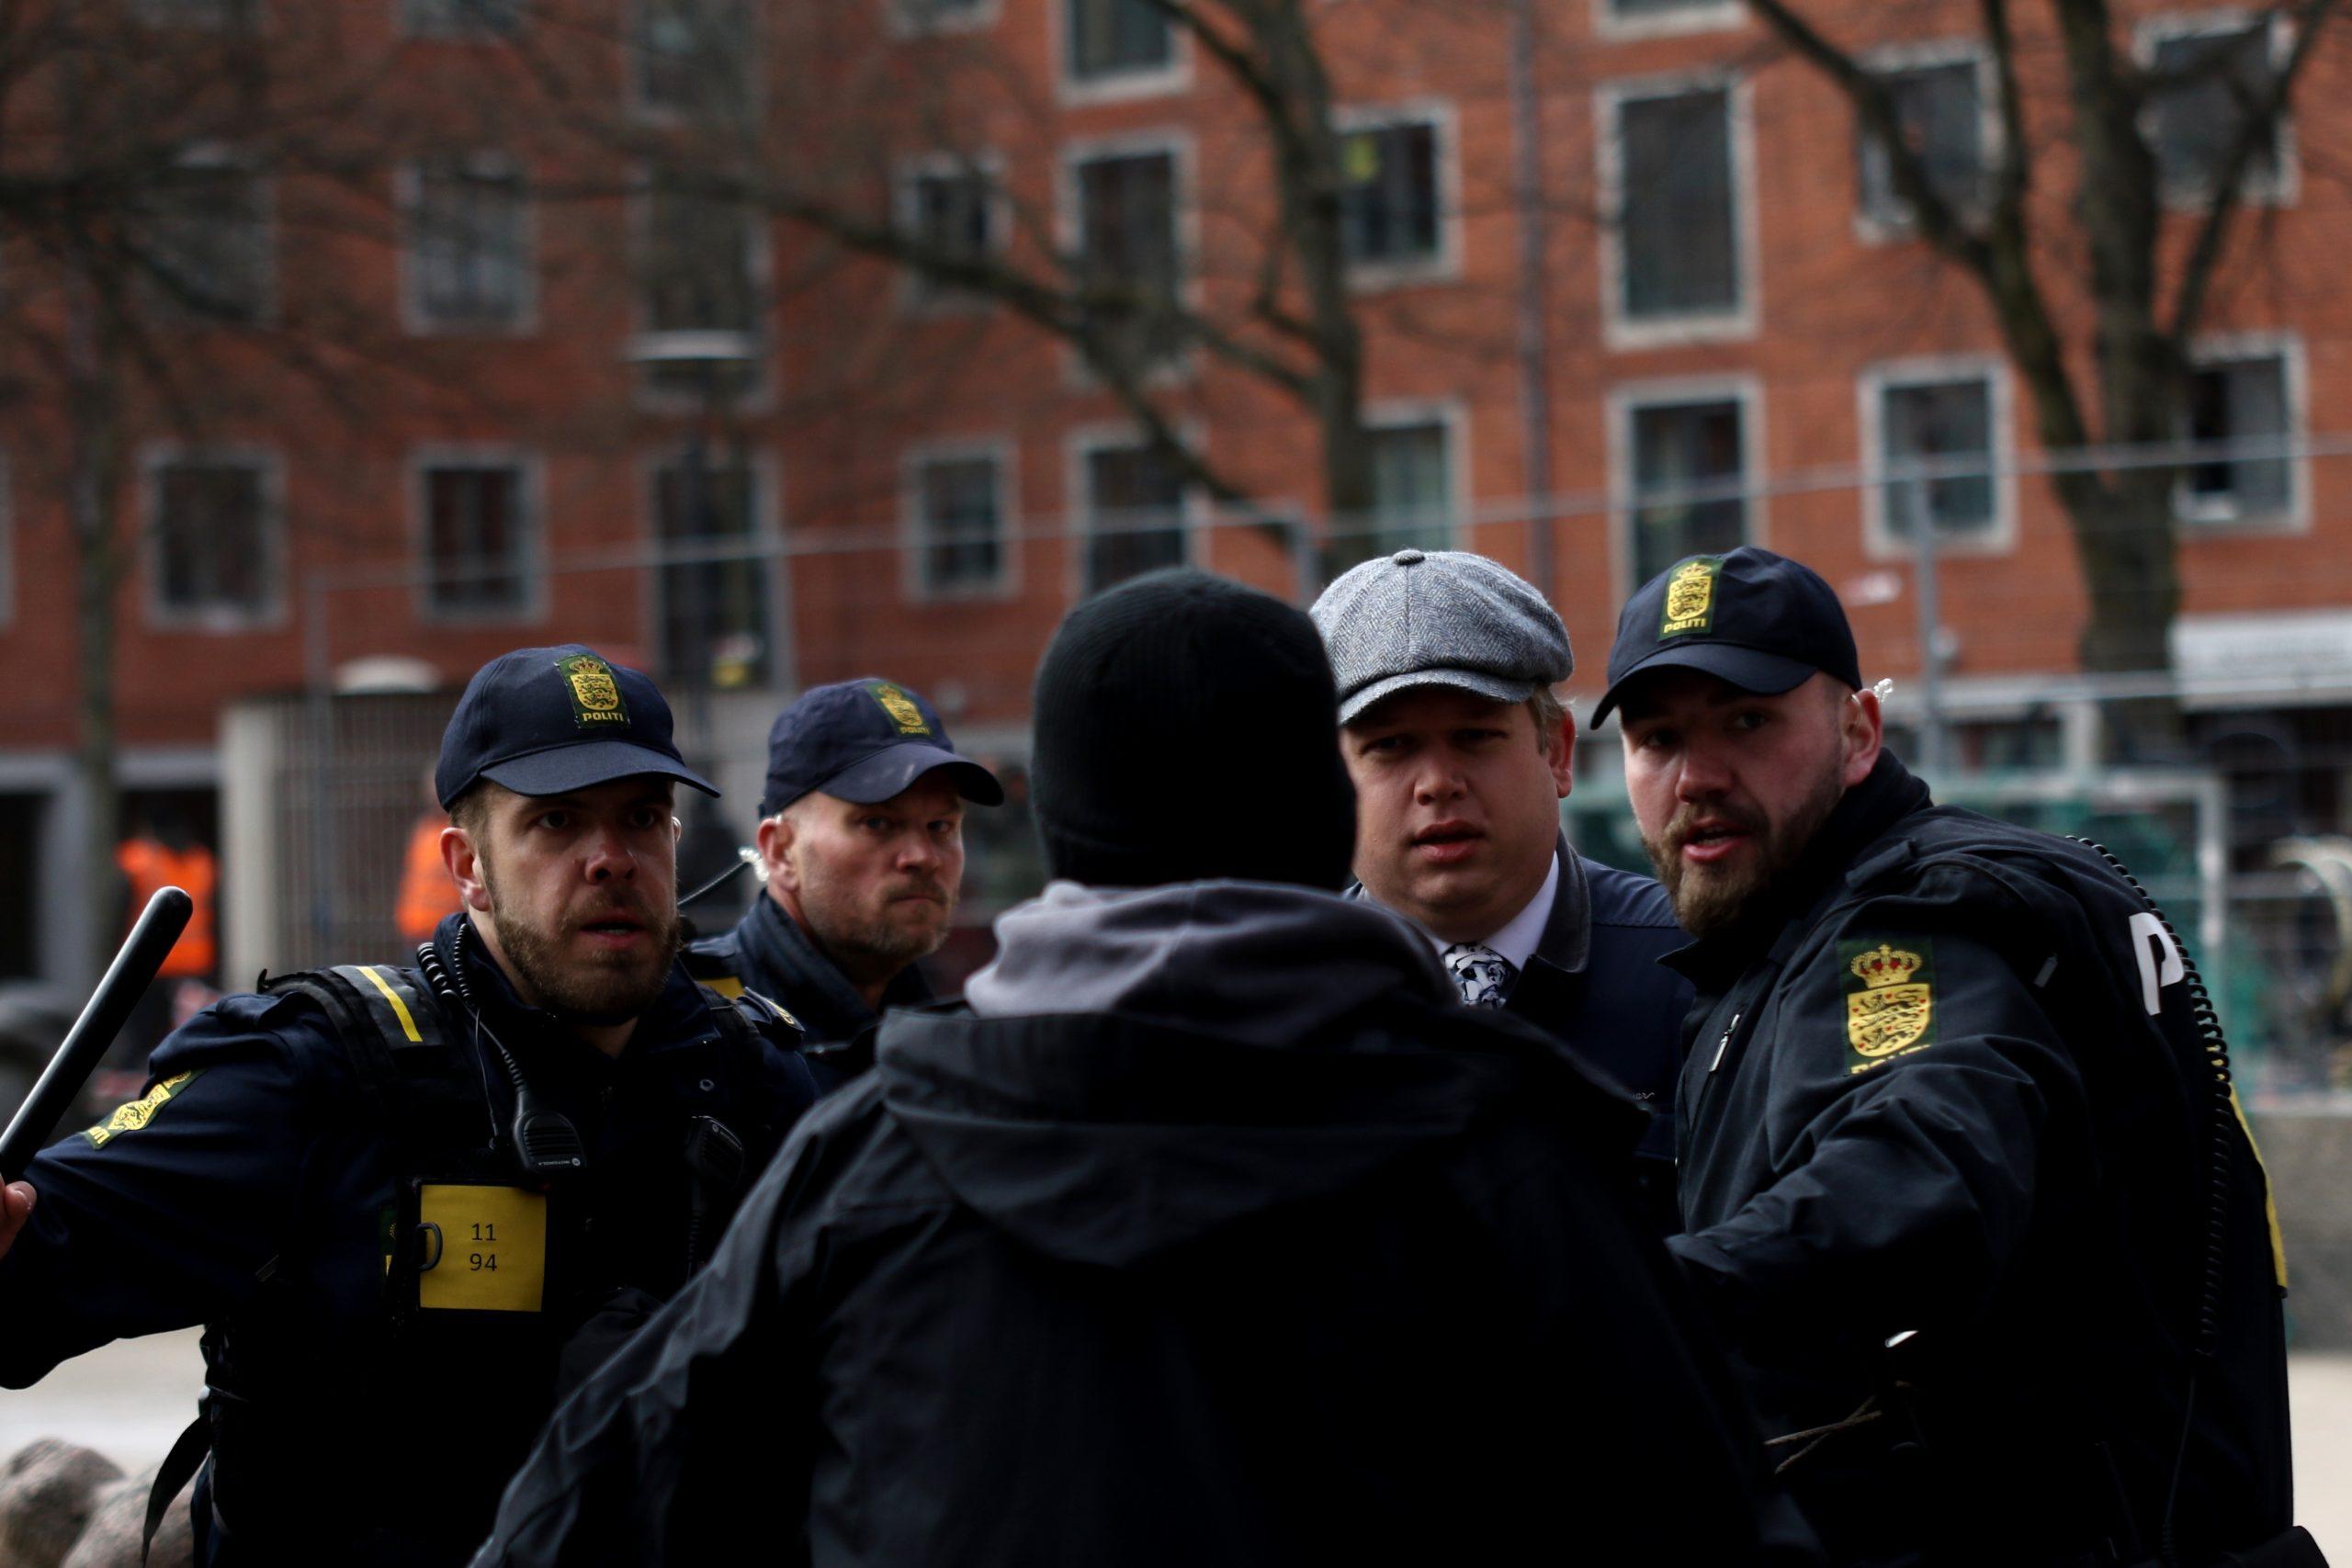 Rasmus Paludan evakueres under demonstrationen på Blågårds Plads den 14. april 2019. Foto: Redox.